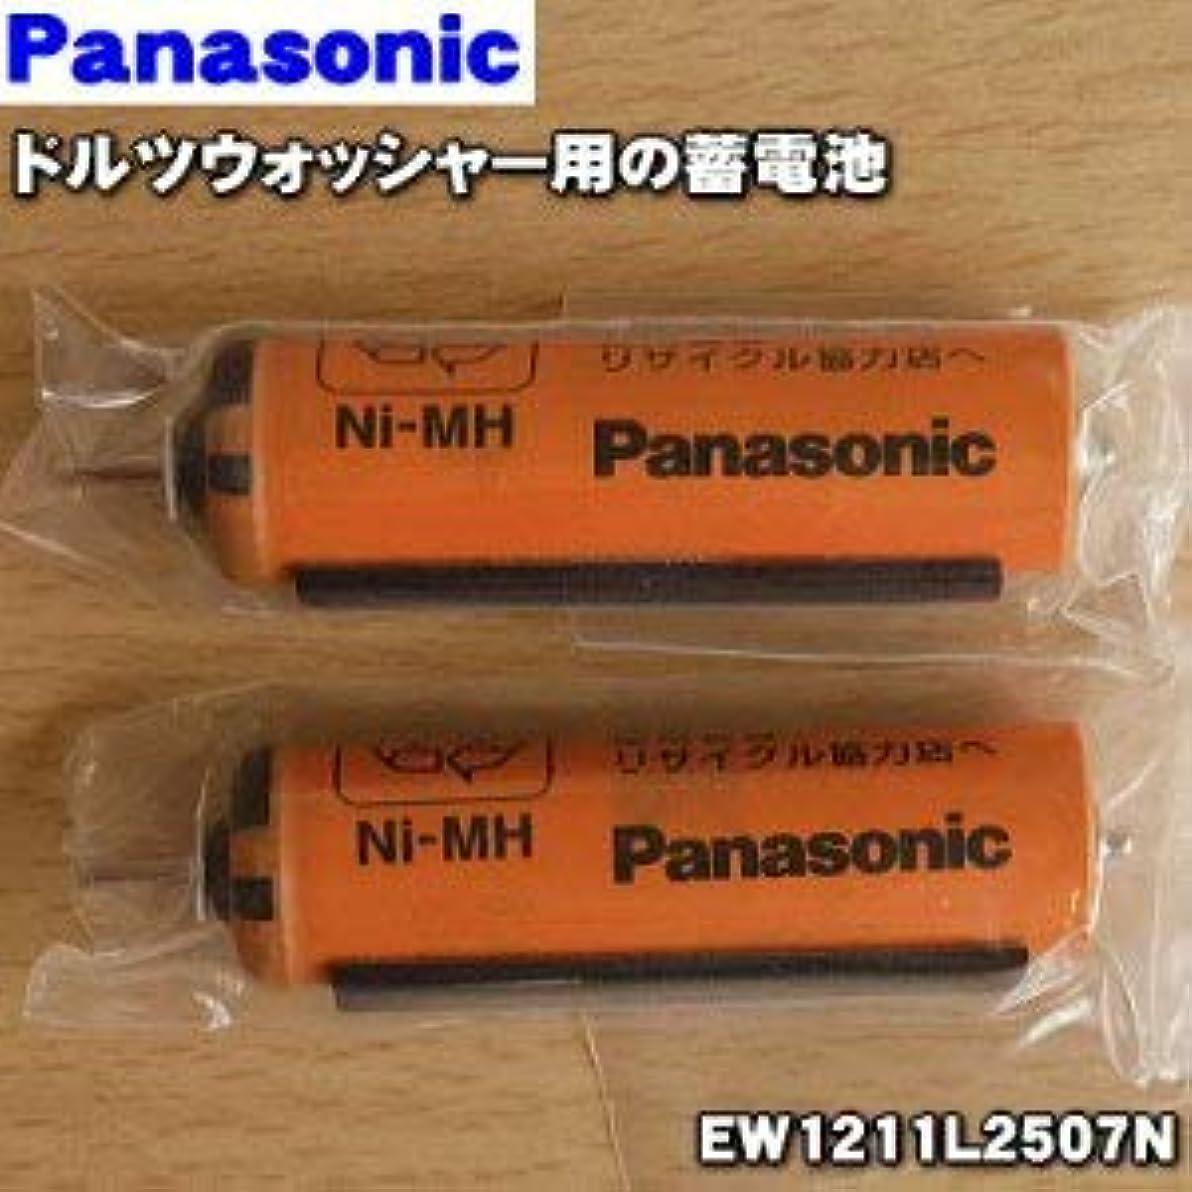 シダ良い考えるパナソニック Panasonic 音波振動ハブラシ Doltz 蓄電池交換用蓄電池 EW1211L2507N